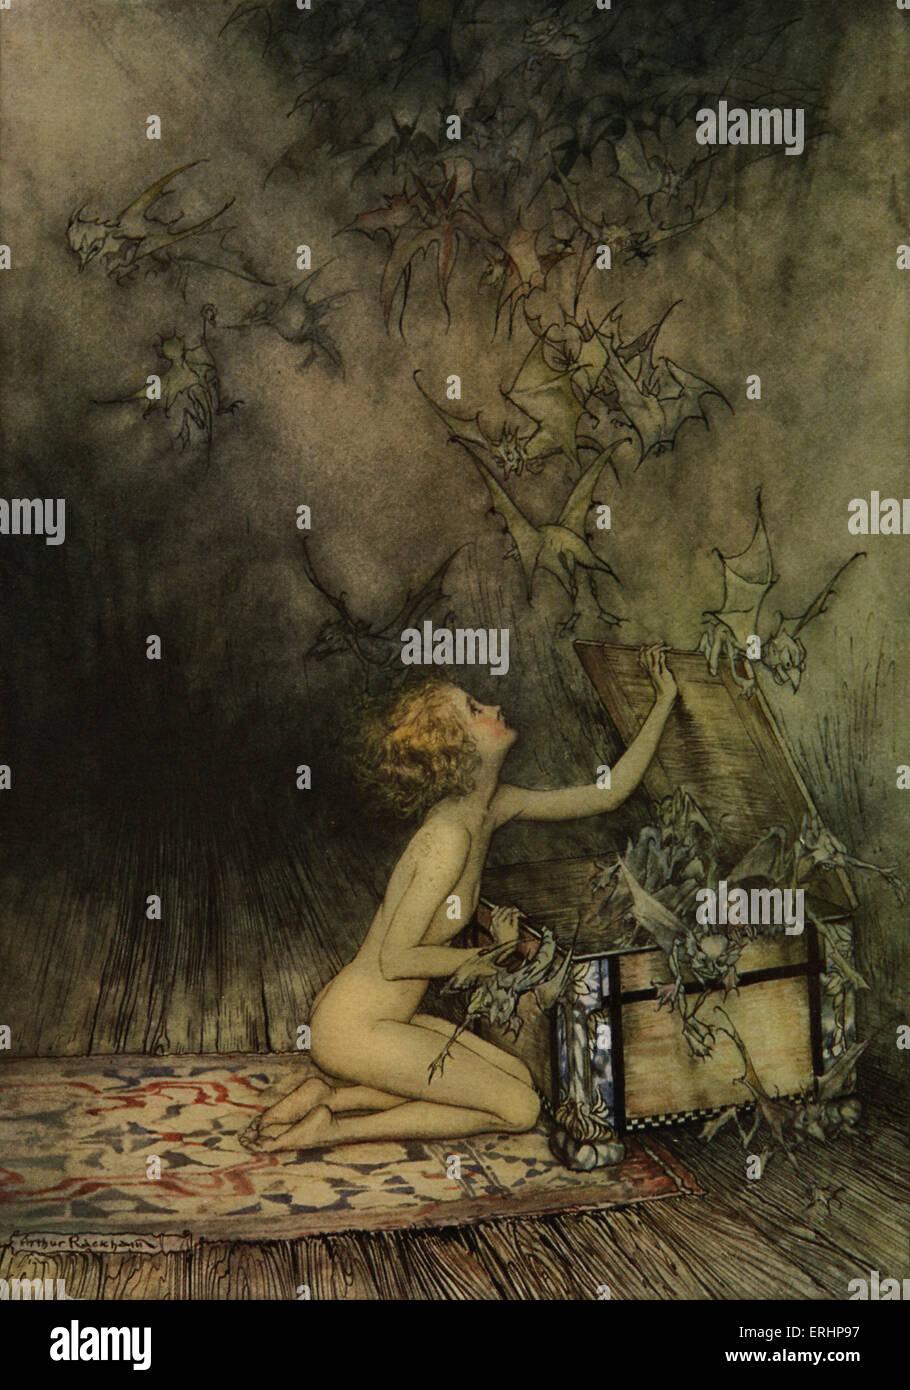 Joven y bat-como criaturas - Ilustración de Arthur Rackham, ilustrador del libro en inglés, el 19 de septiembre Imagen De Stock